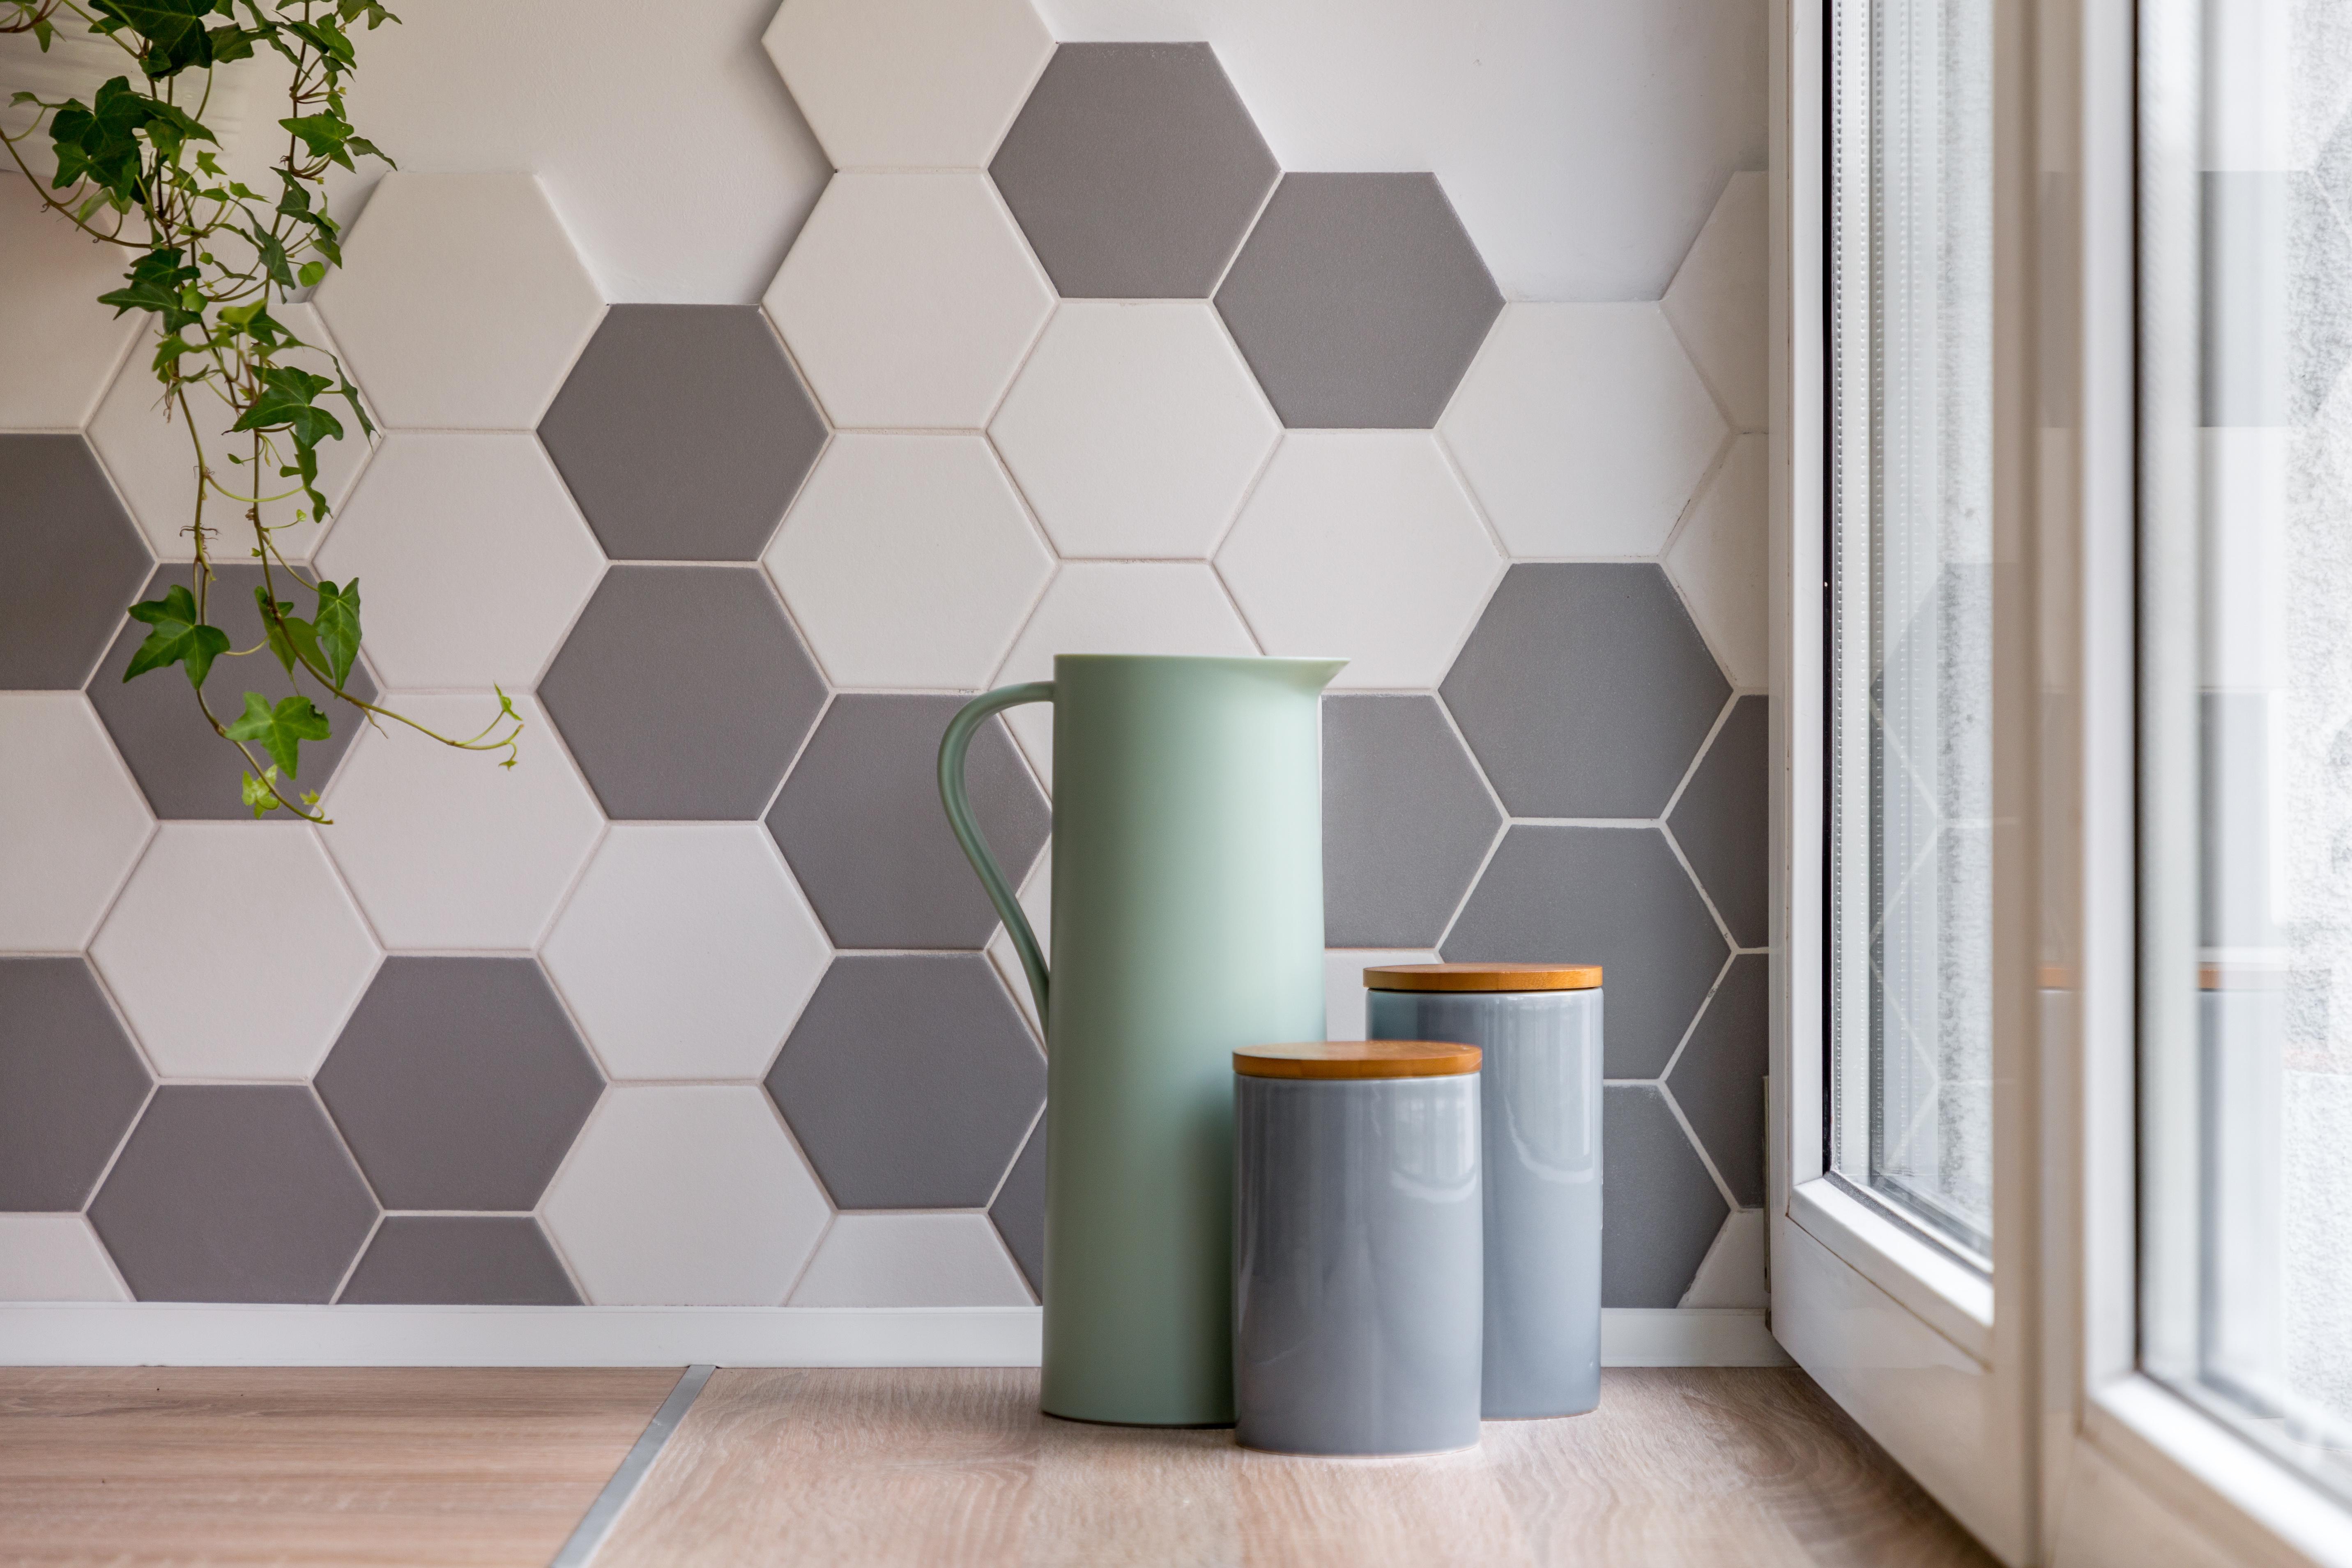 Carrelage Blanc Joint Noir le carrelage hexagonal : atout, inconvénient et prix